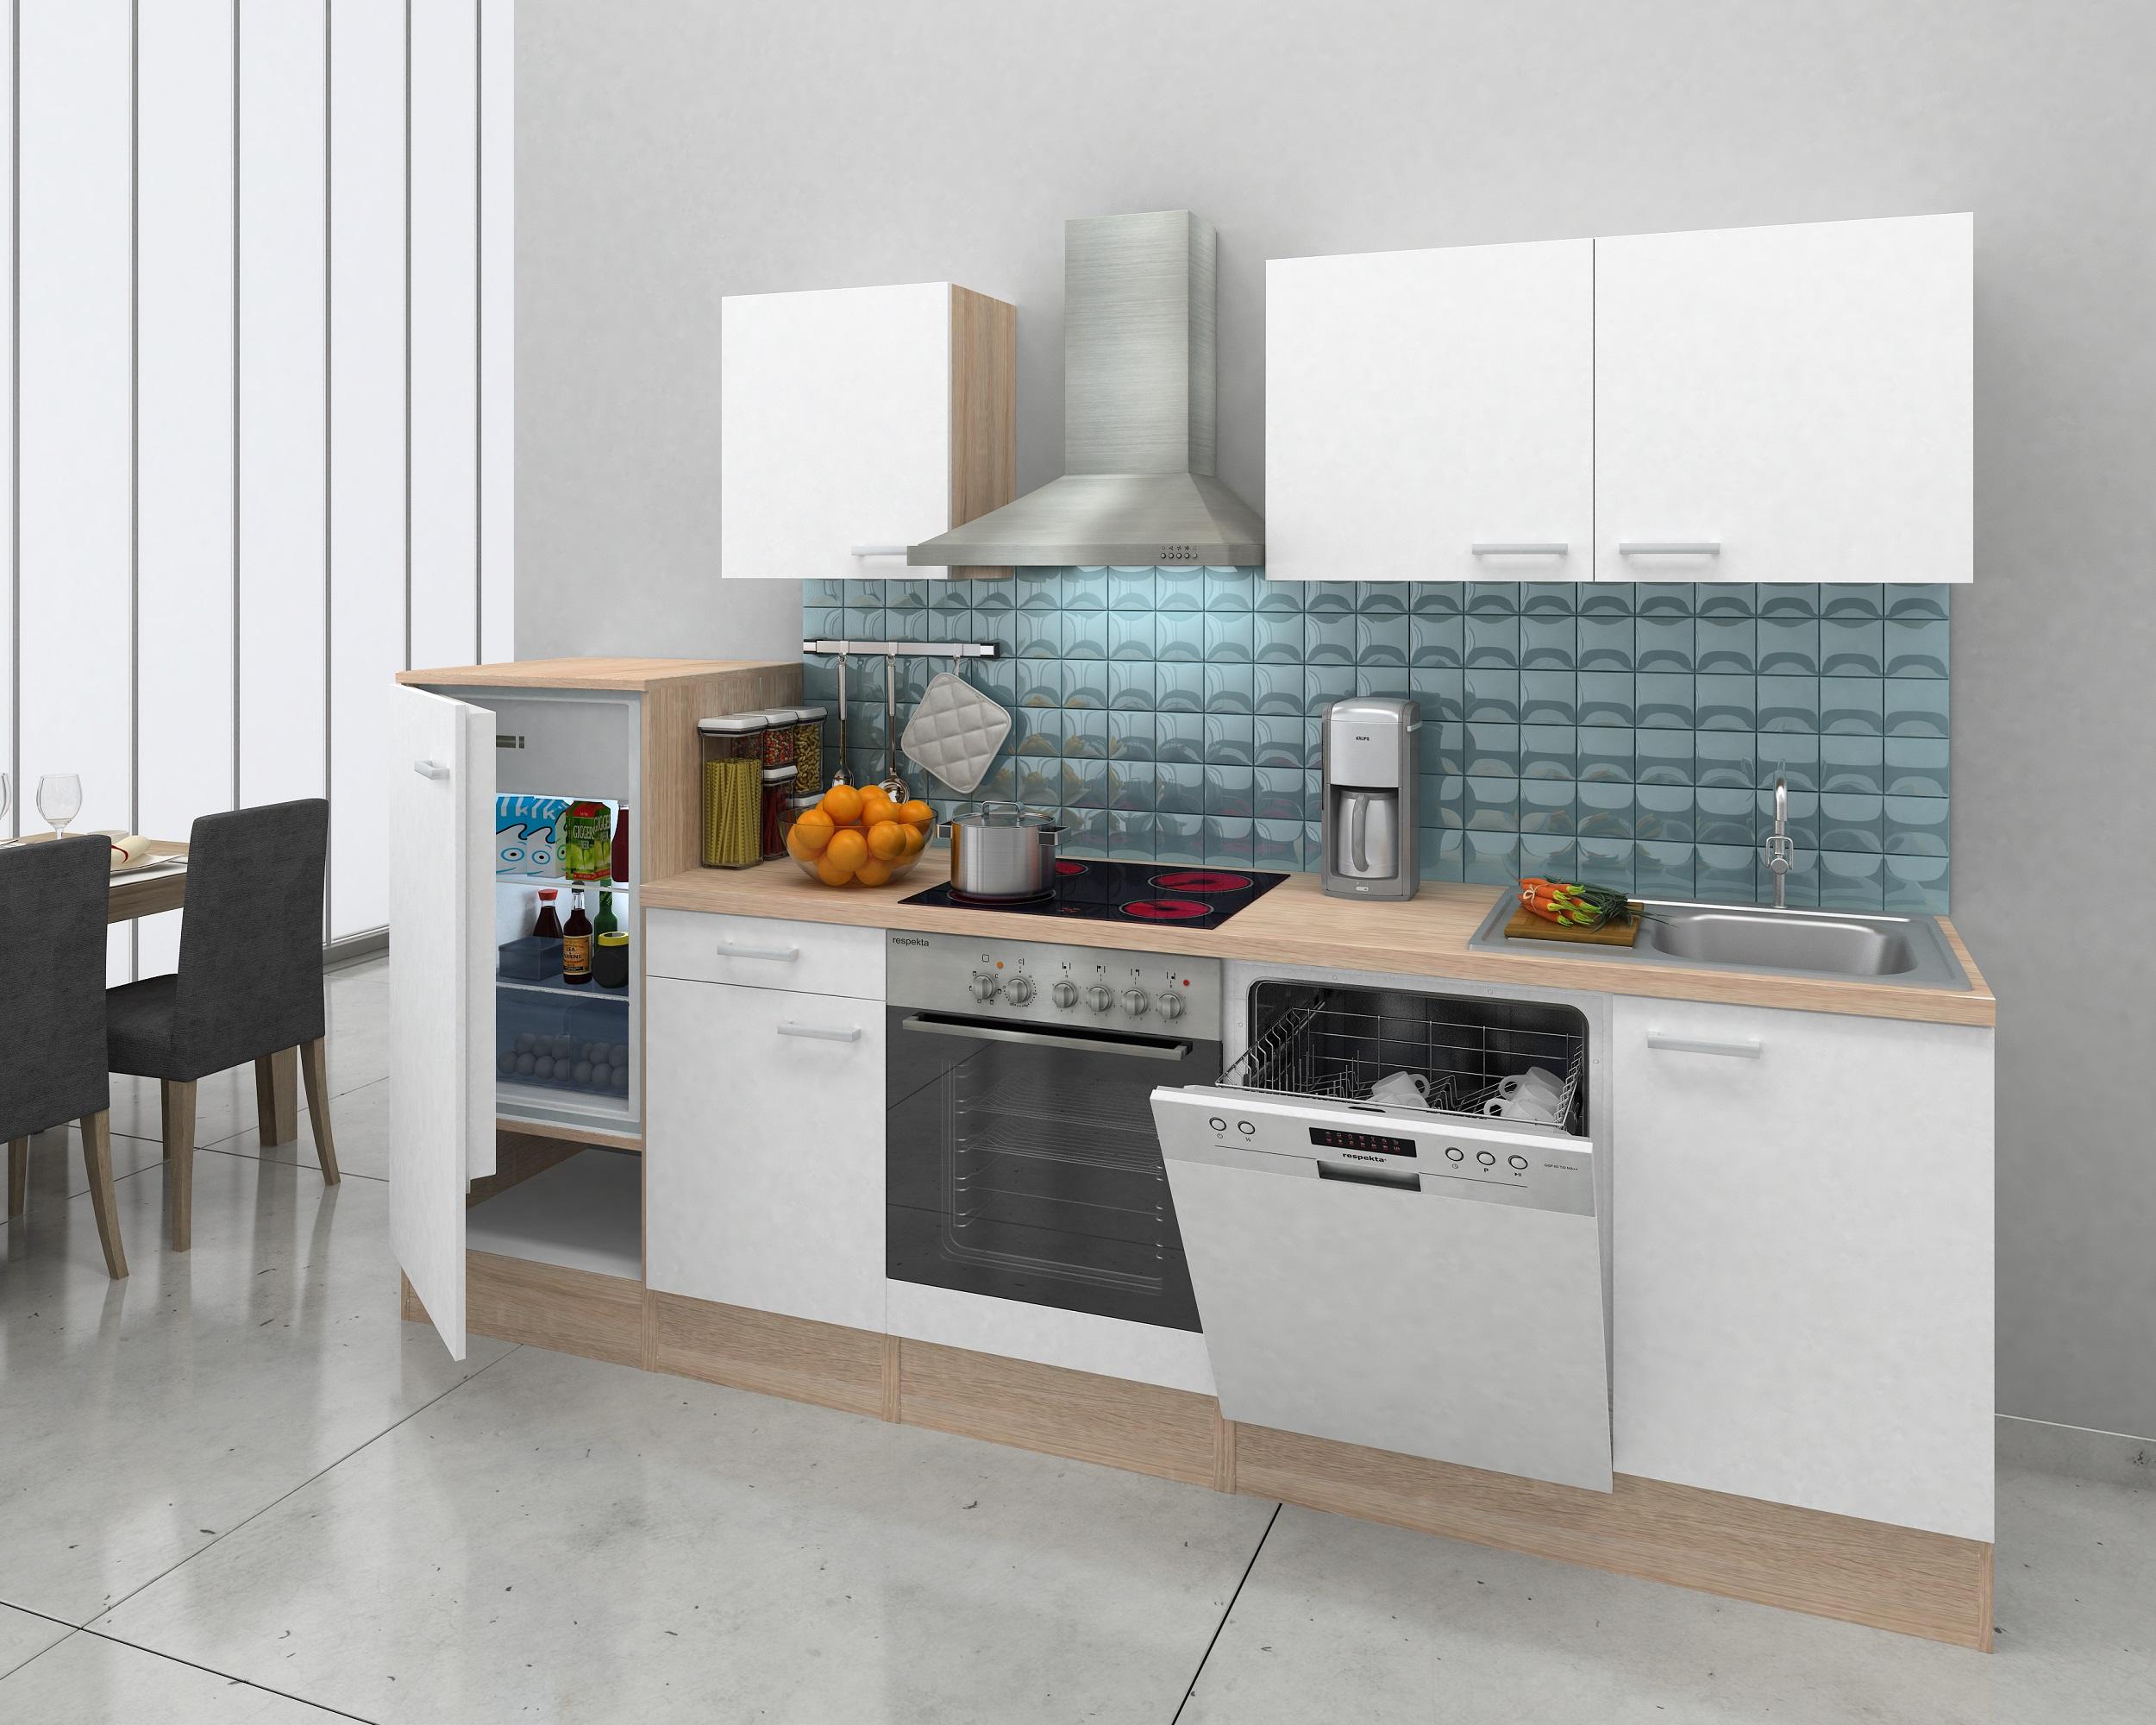 respekta einbau k che k chenzeile k chenblock 280 cm eiche natura weiss ceran ebay. Black Bedroom Furniture Sets. Home Design Ideas